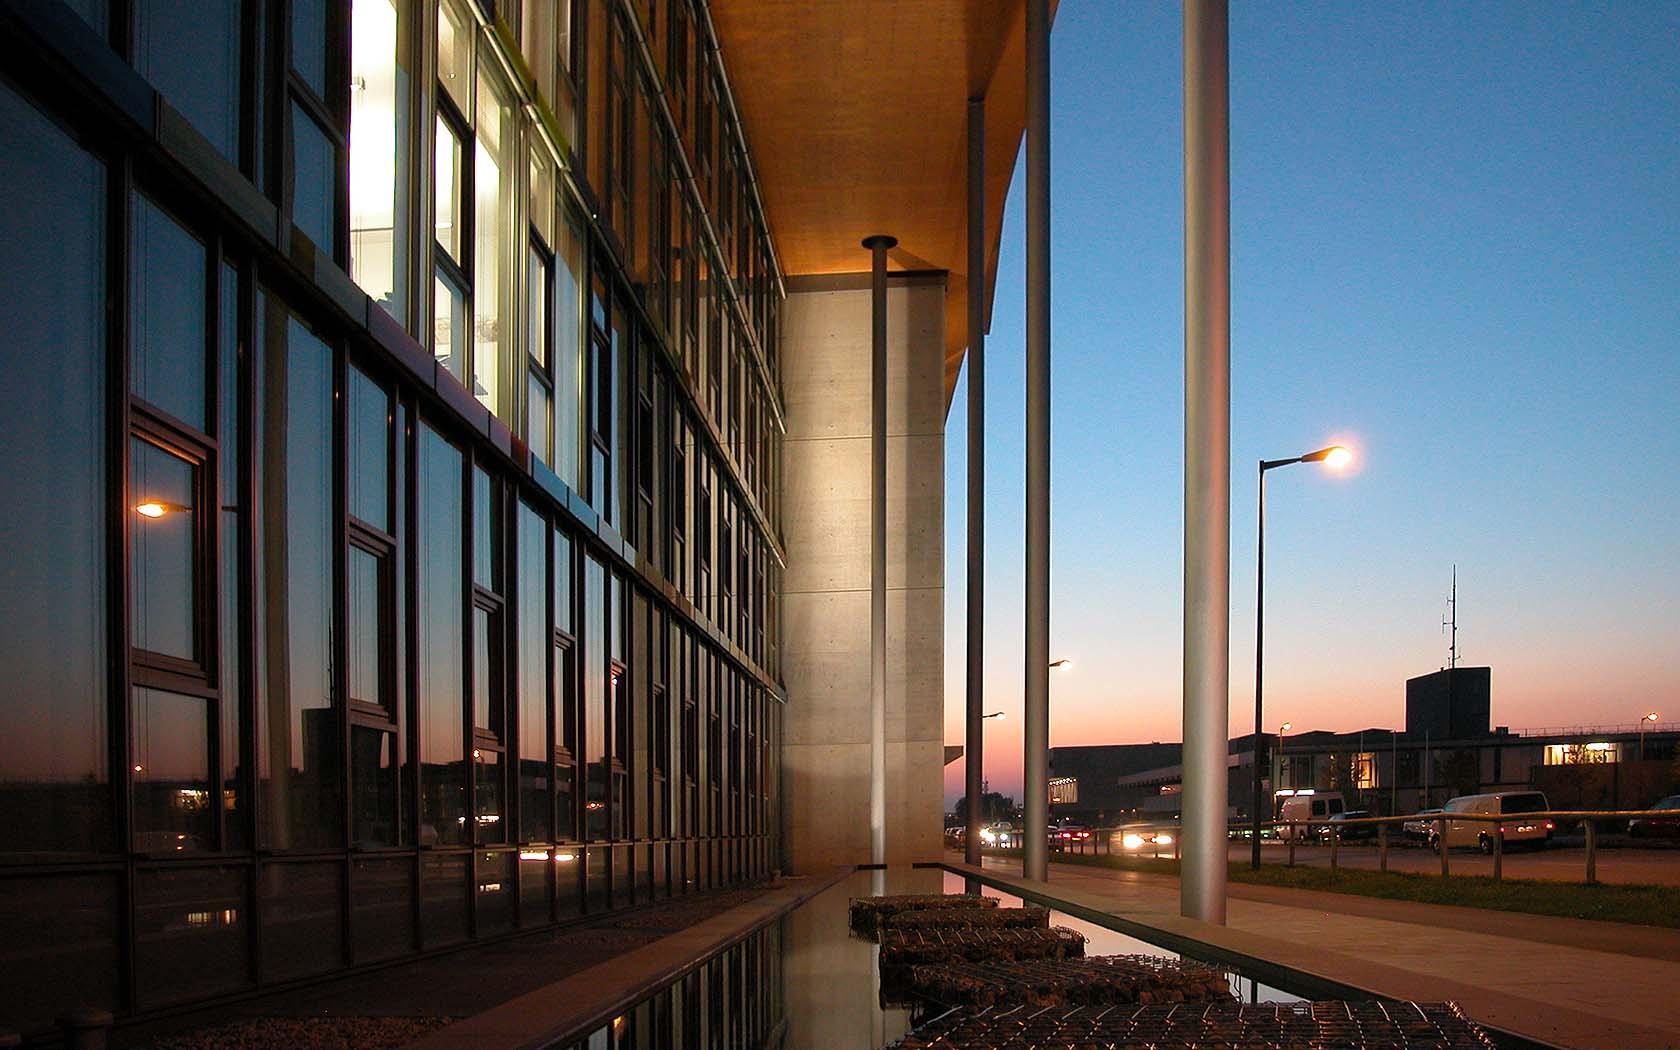 Messe Campus Riem 01